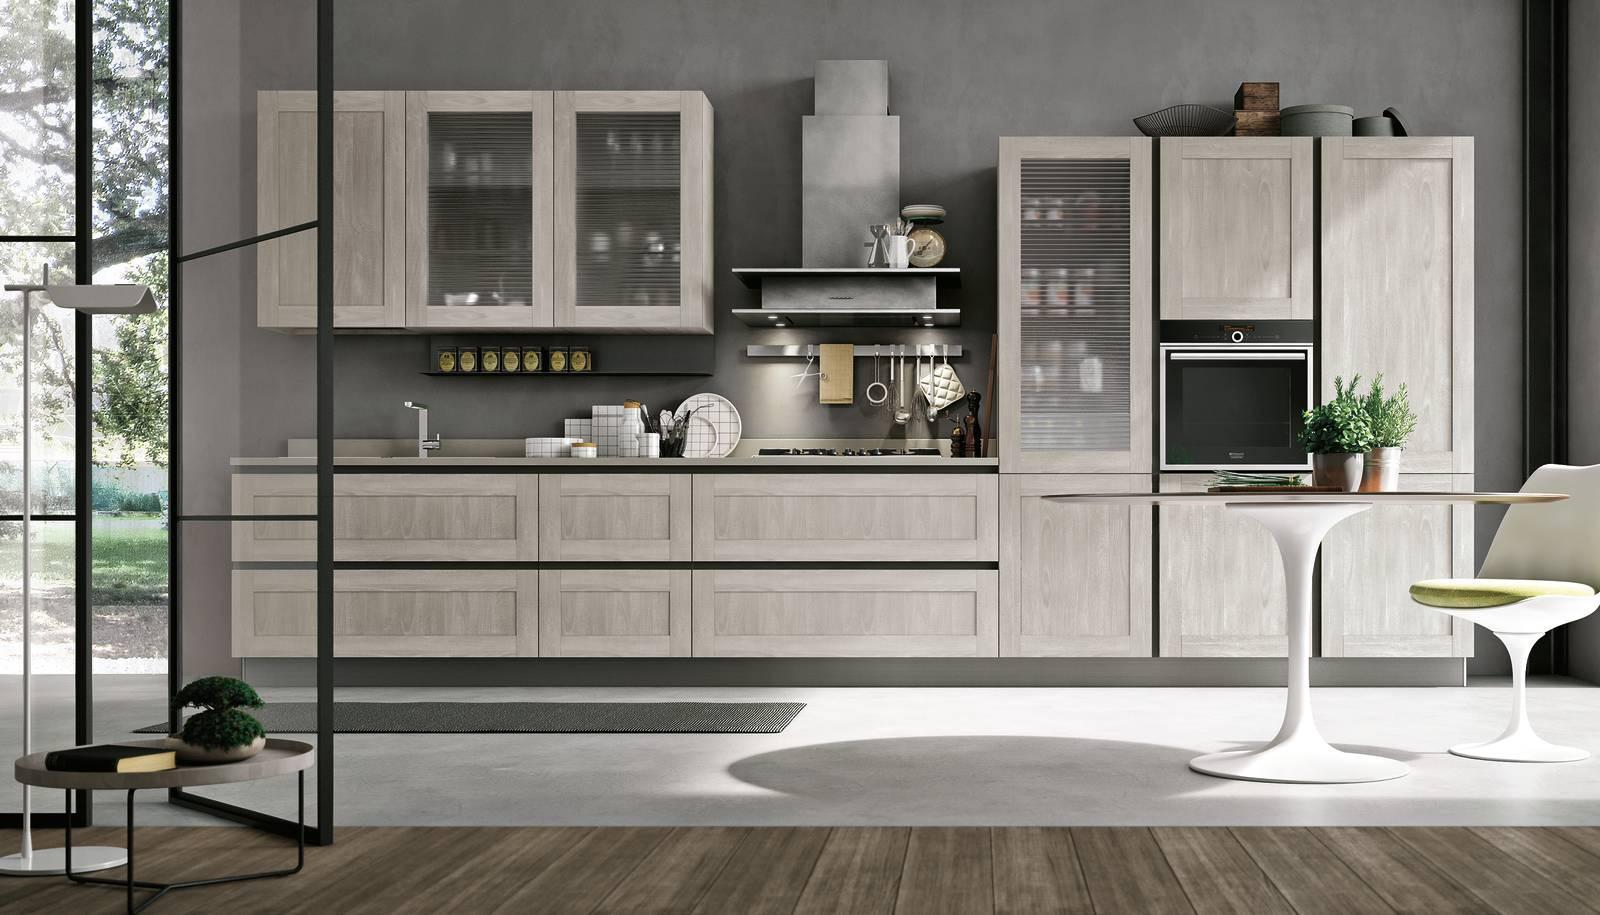 Per la cucina un piano di lavoro resistente e facile da pulire cose di casa - Top cucine moderne ...